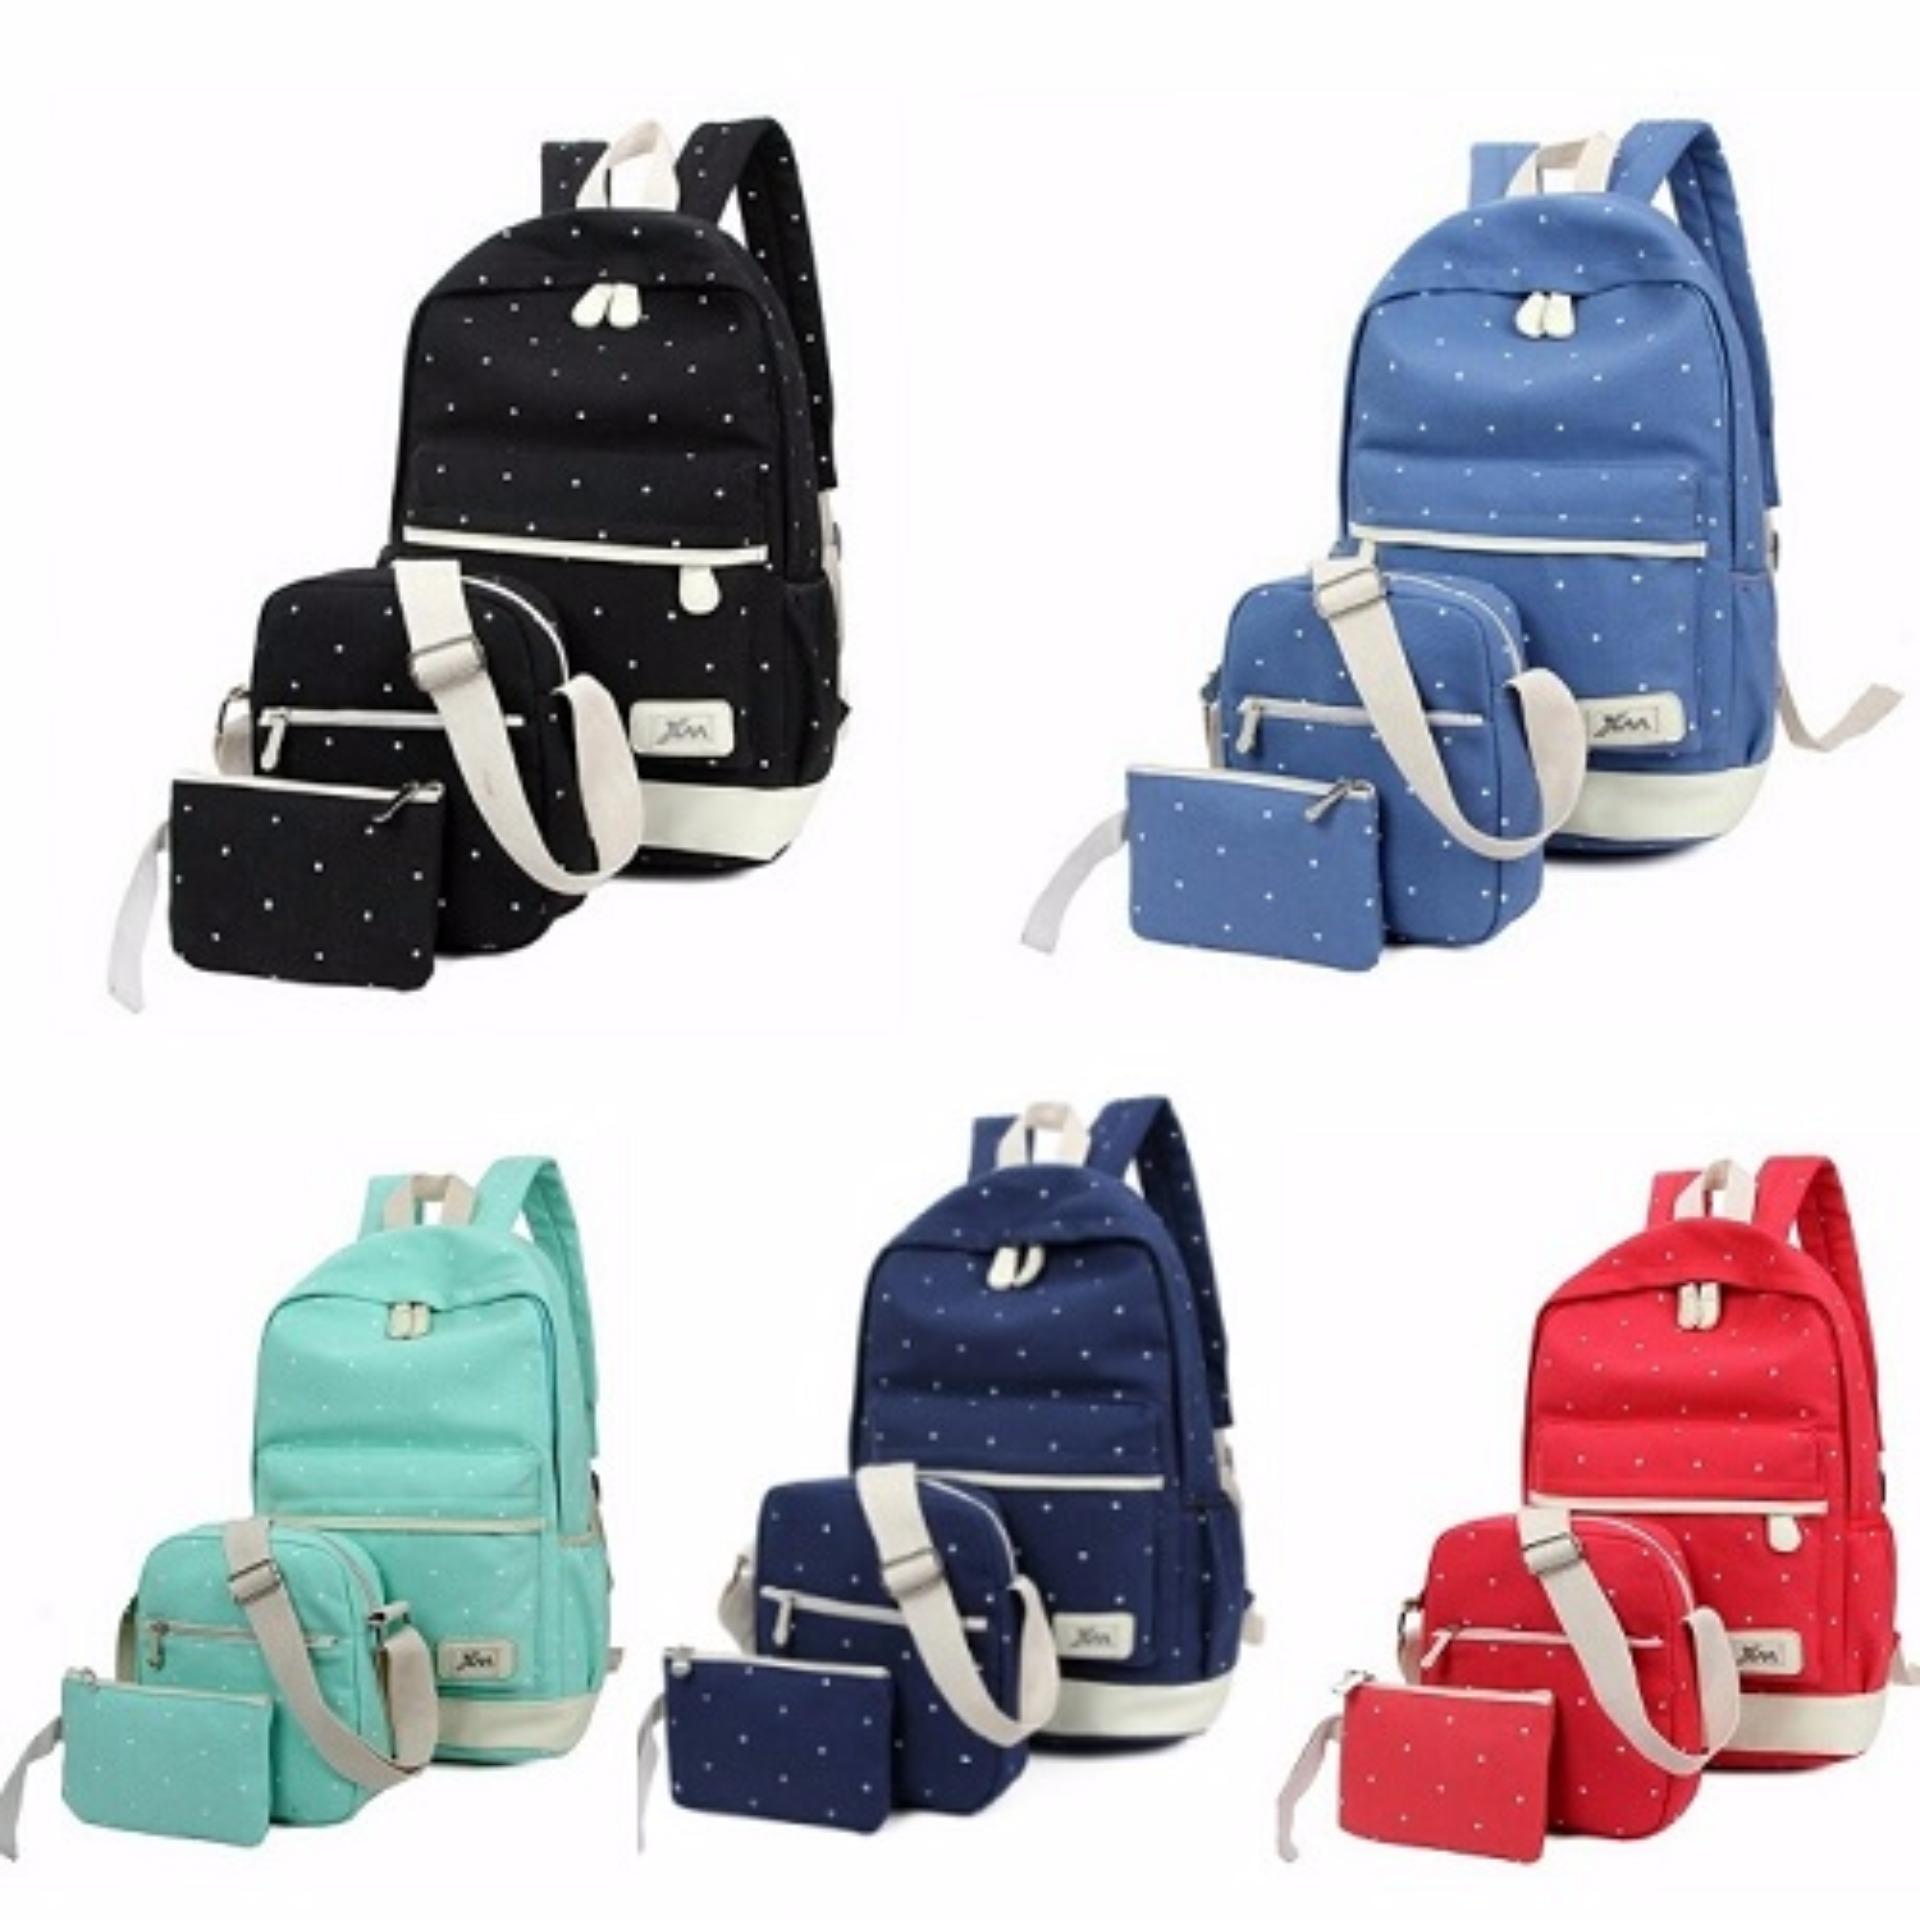 Spesifikasi Tas Ransel Dompet Selempang Pouch Set 3 In 1 Backpack Fashion Yang Bagus Dan Murah